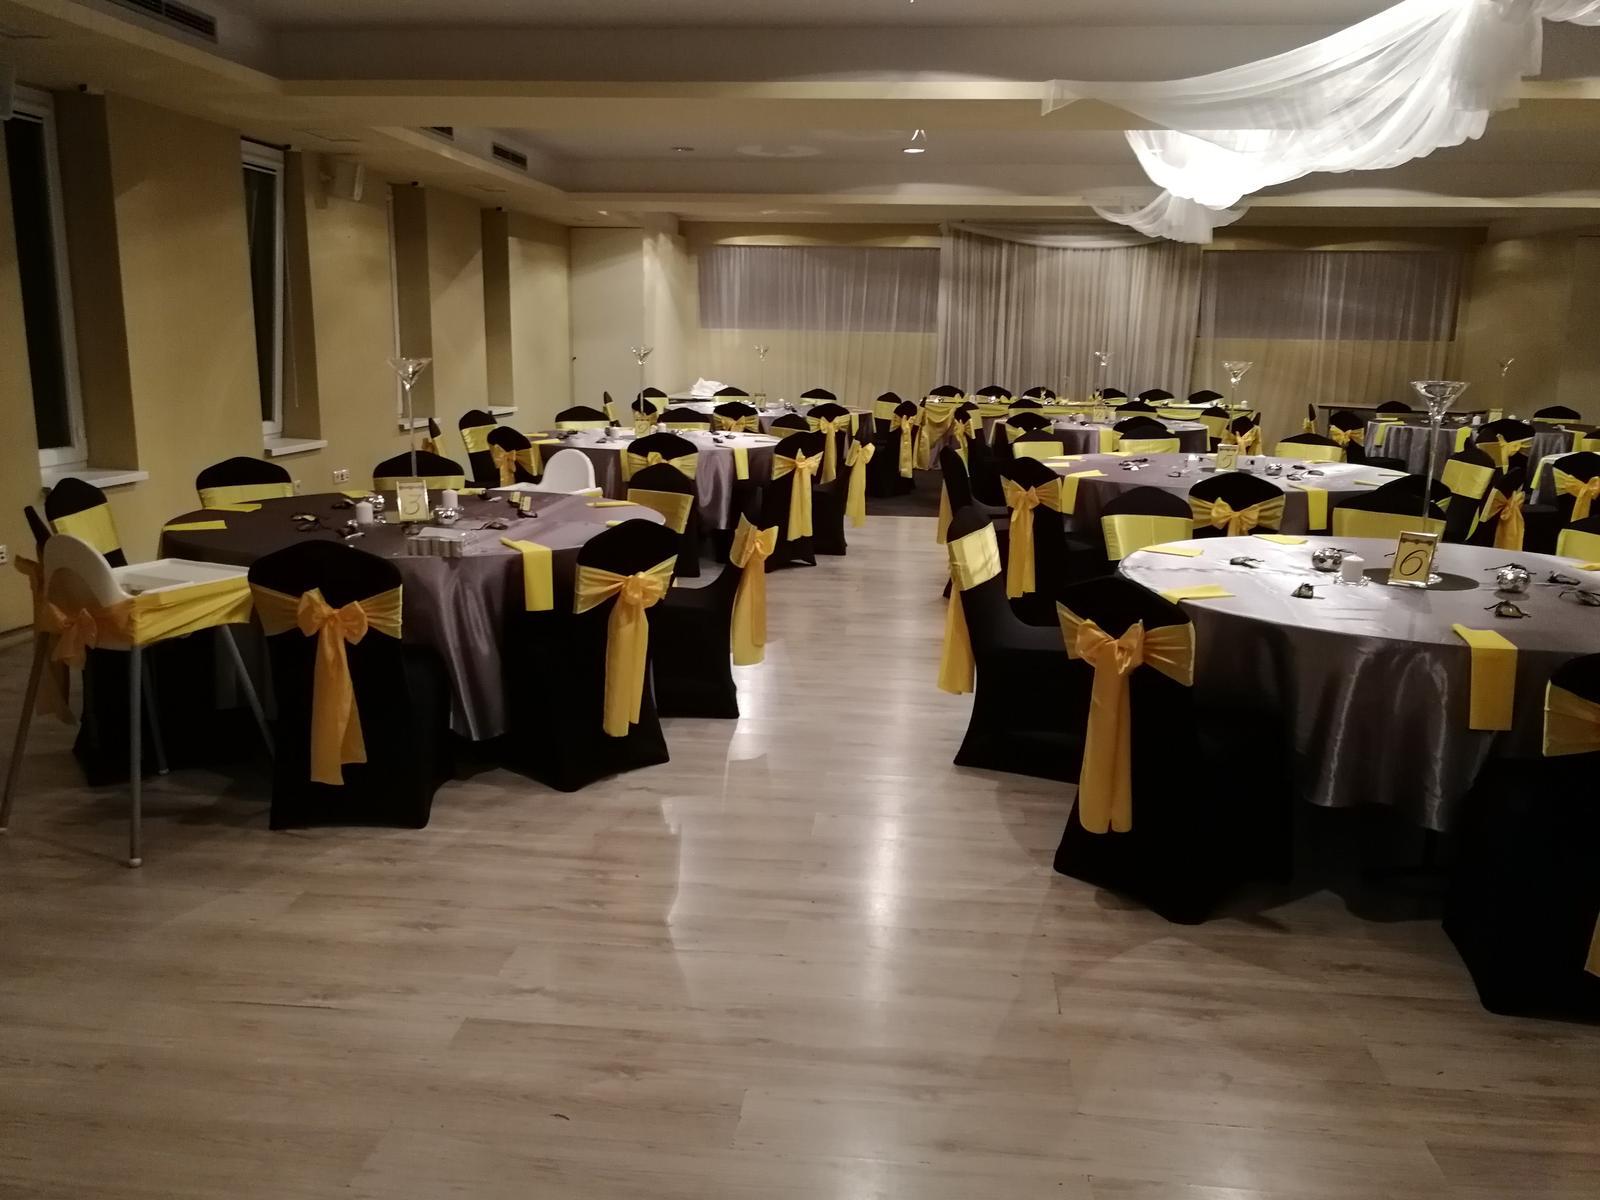 Svadba 14.9.2018 čierno-žlto-sivá kombinácia - Obrázok č. 9